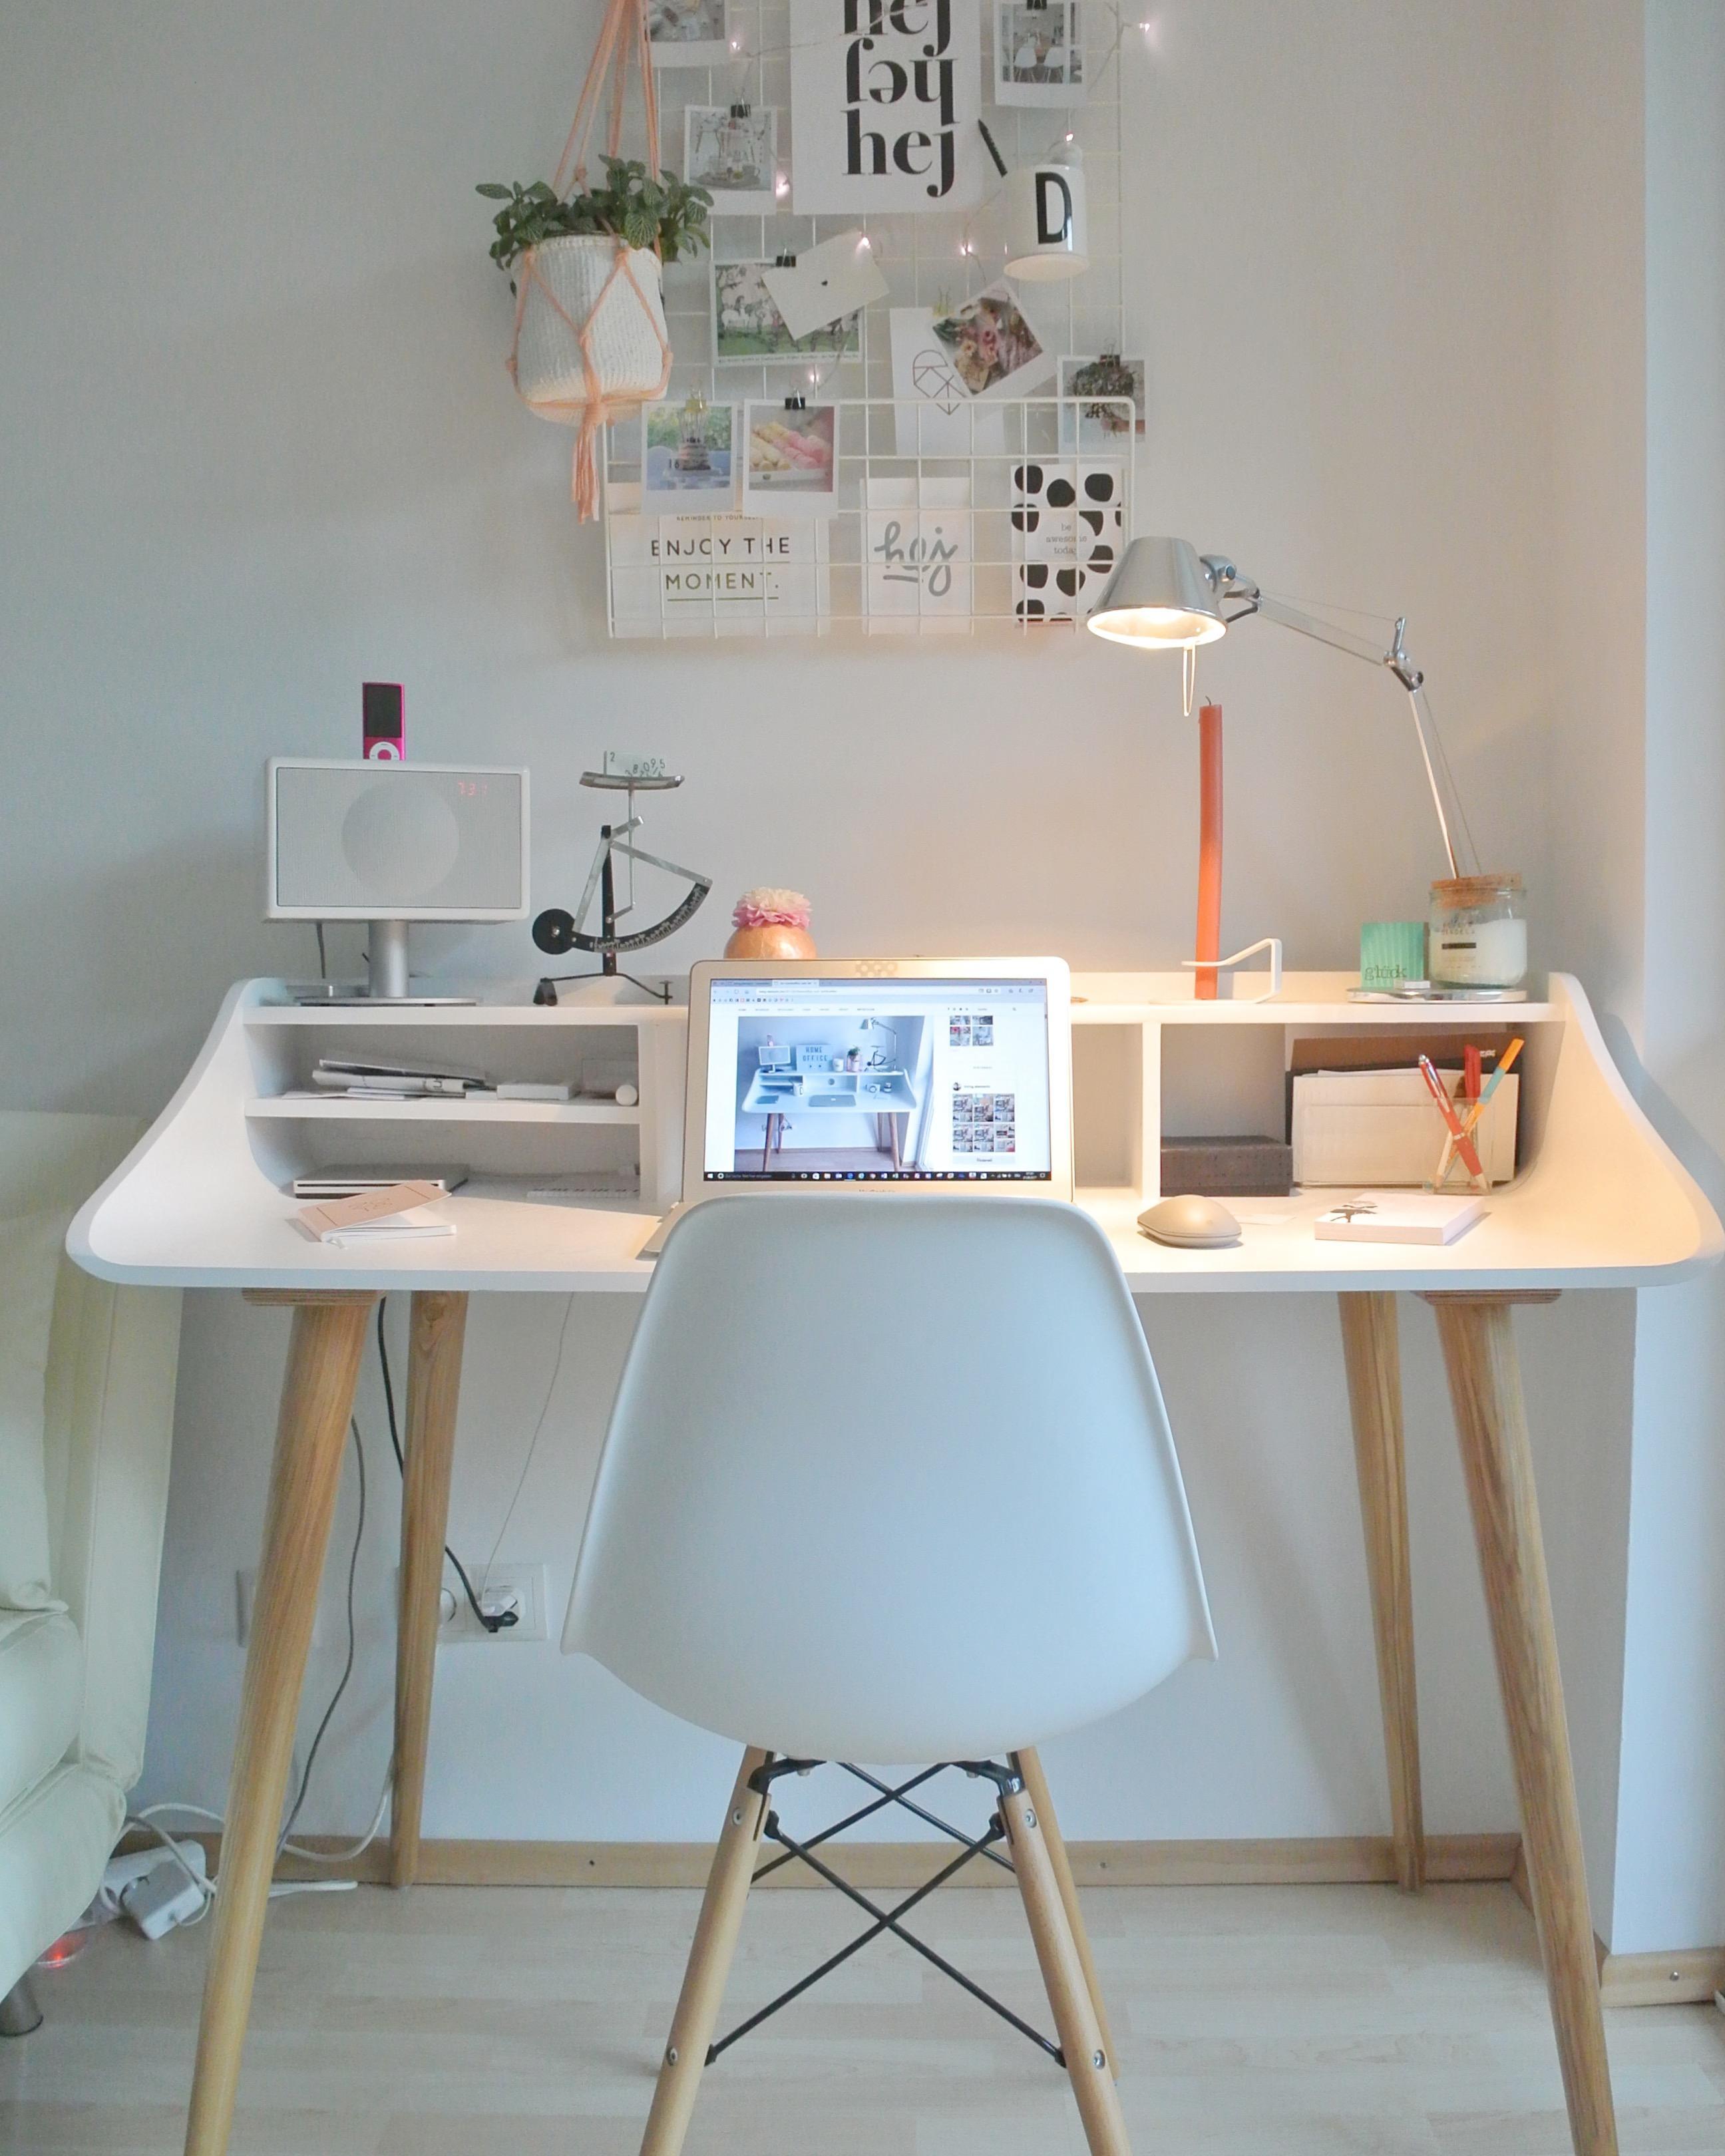 Ideen Schreibtisch Design Home Office | Schreibtischstuhl Bilder Ideen Couchstyle